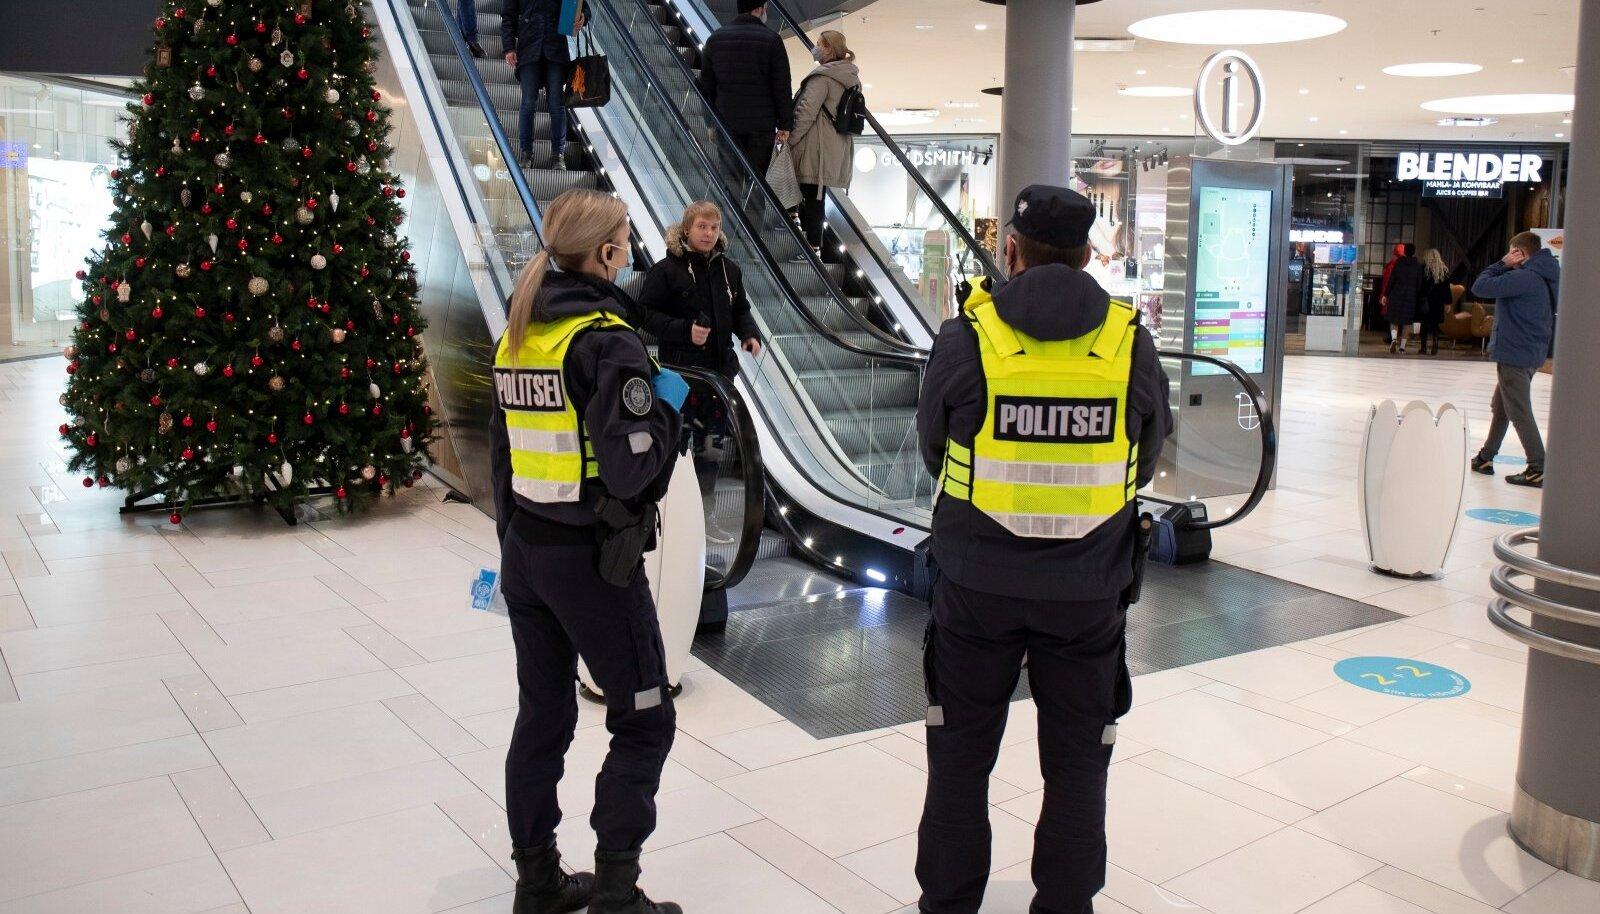 Politsei jagab näomaske 6.12.2020